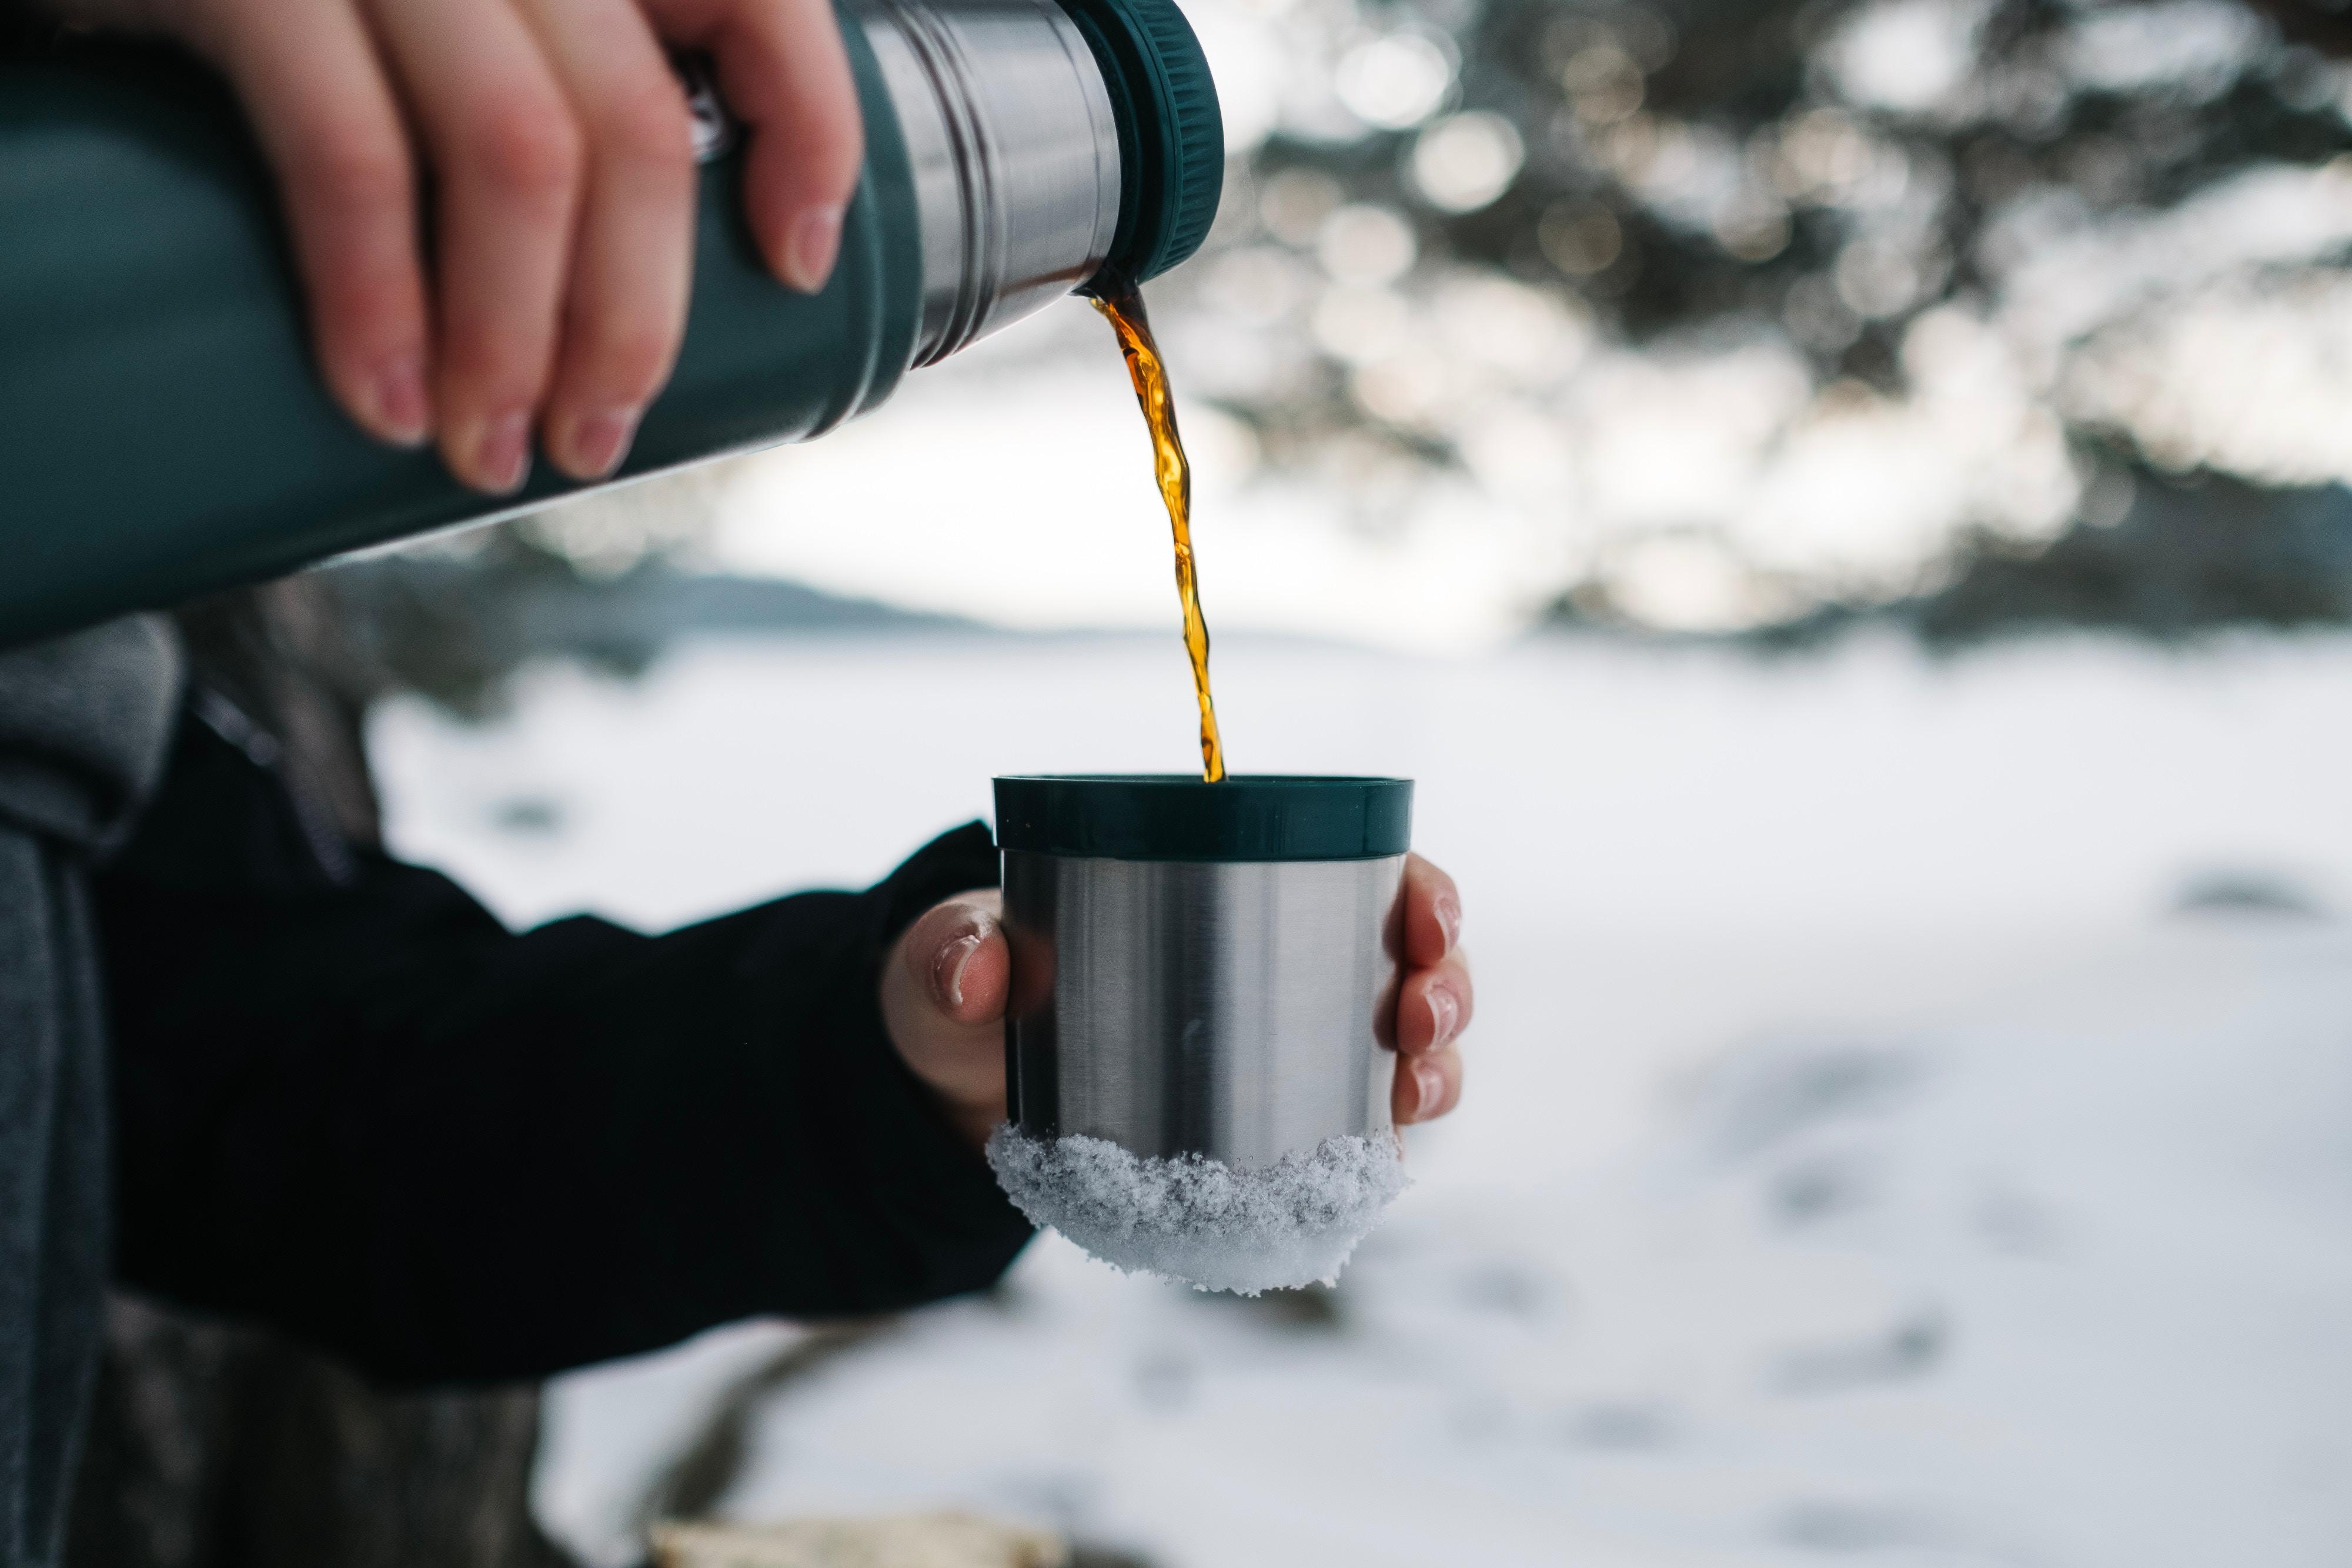 przechowywanie zaparzonej kawy w termosie